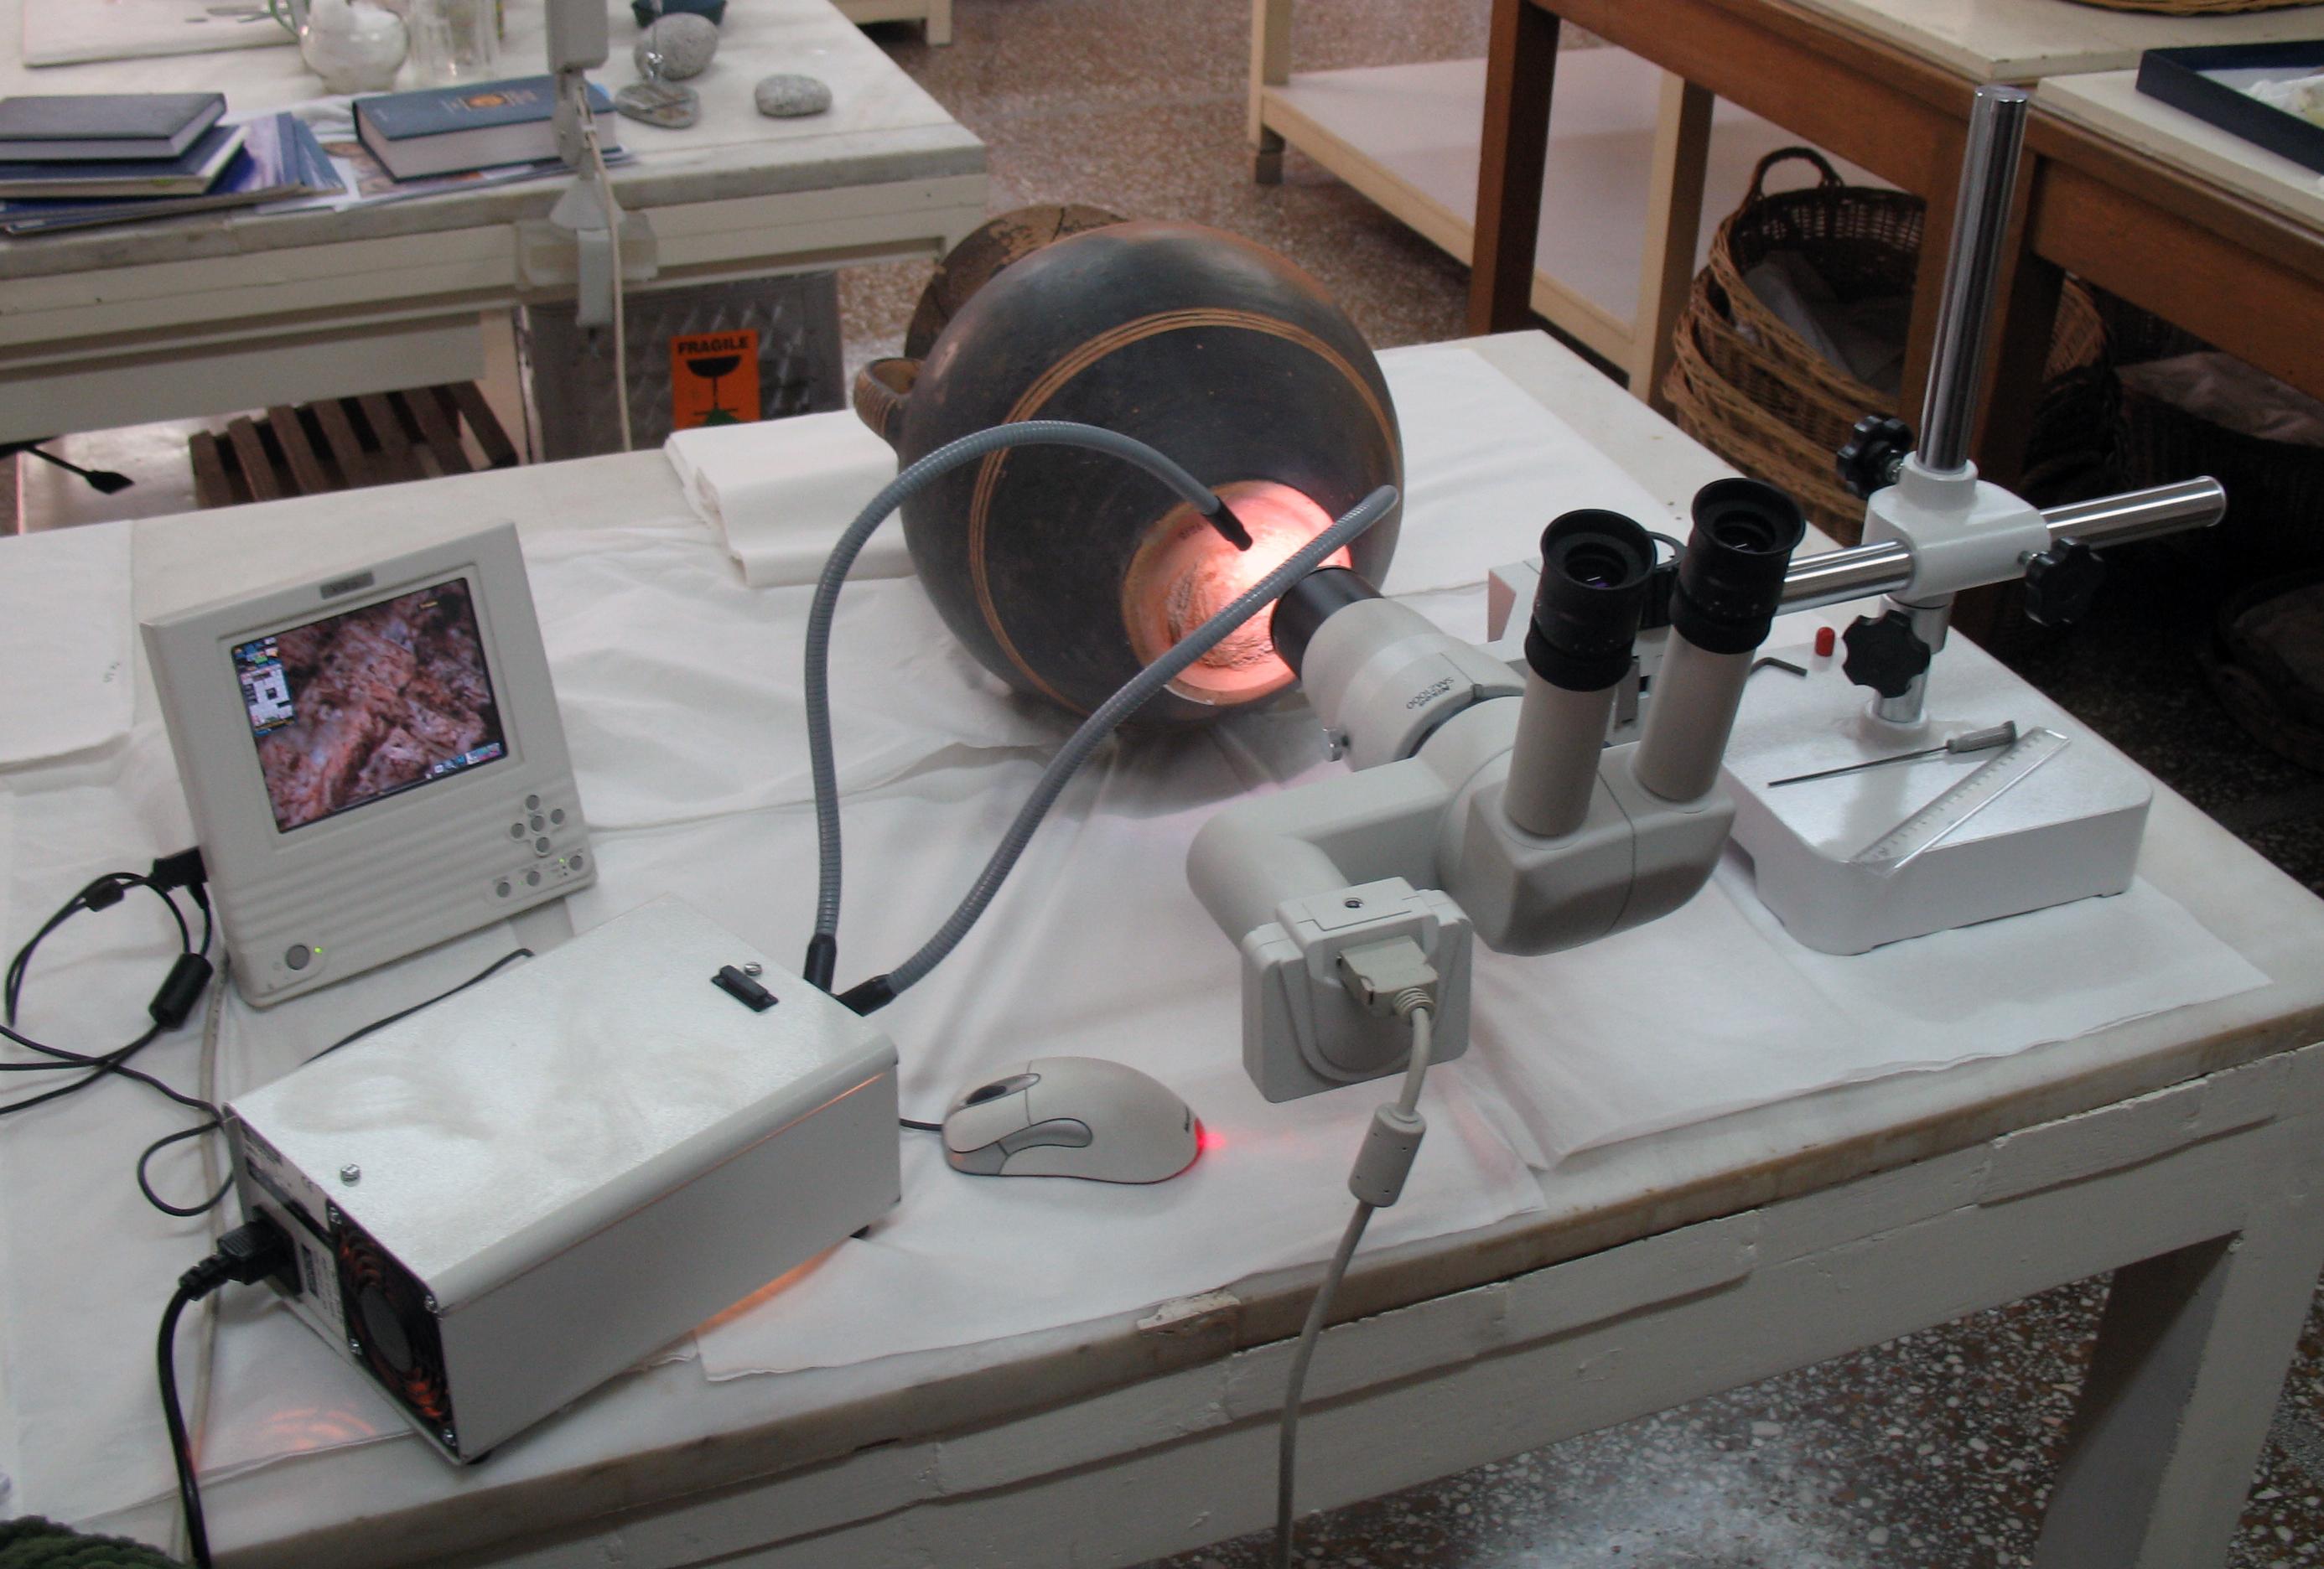 Εργαστηριακή μελέτη γεωμετρικού υφάσματος στο στερεοσκόπιο. Φωτογραφία Σ. Σπαντιδάκη.